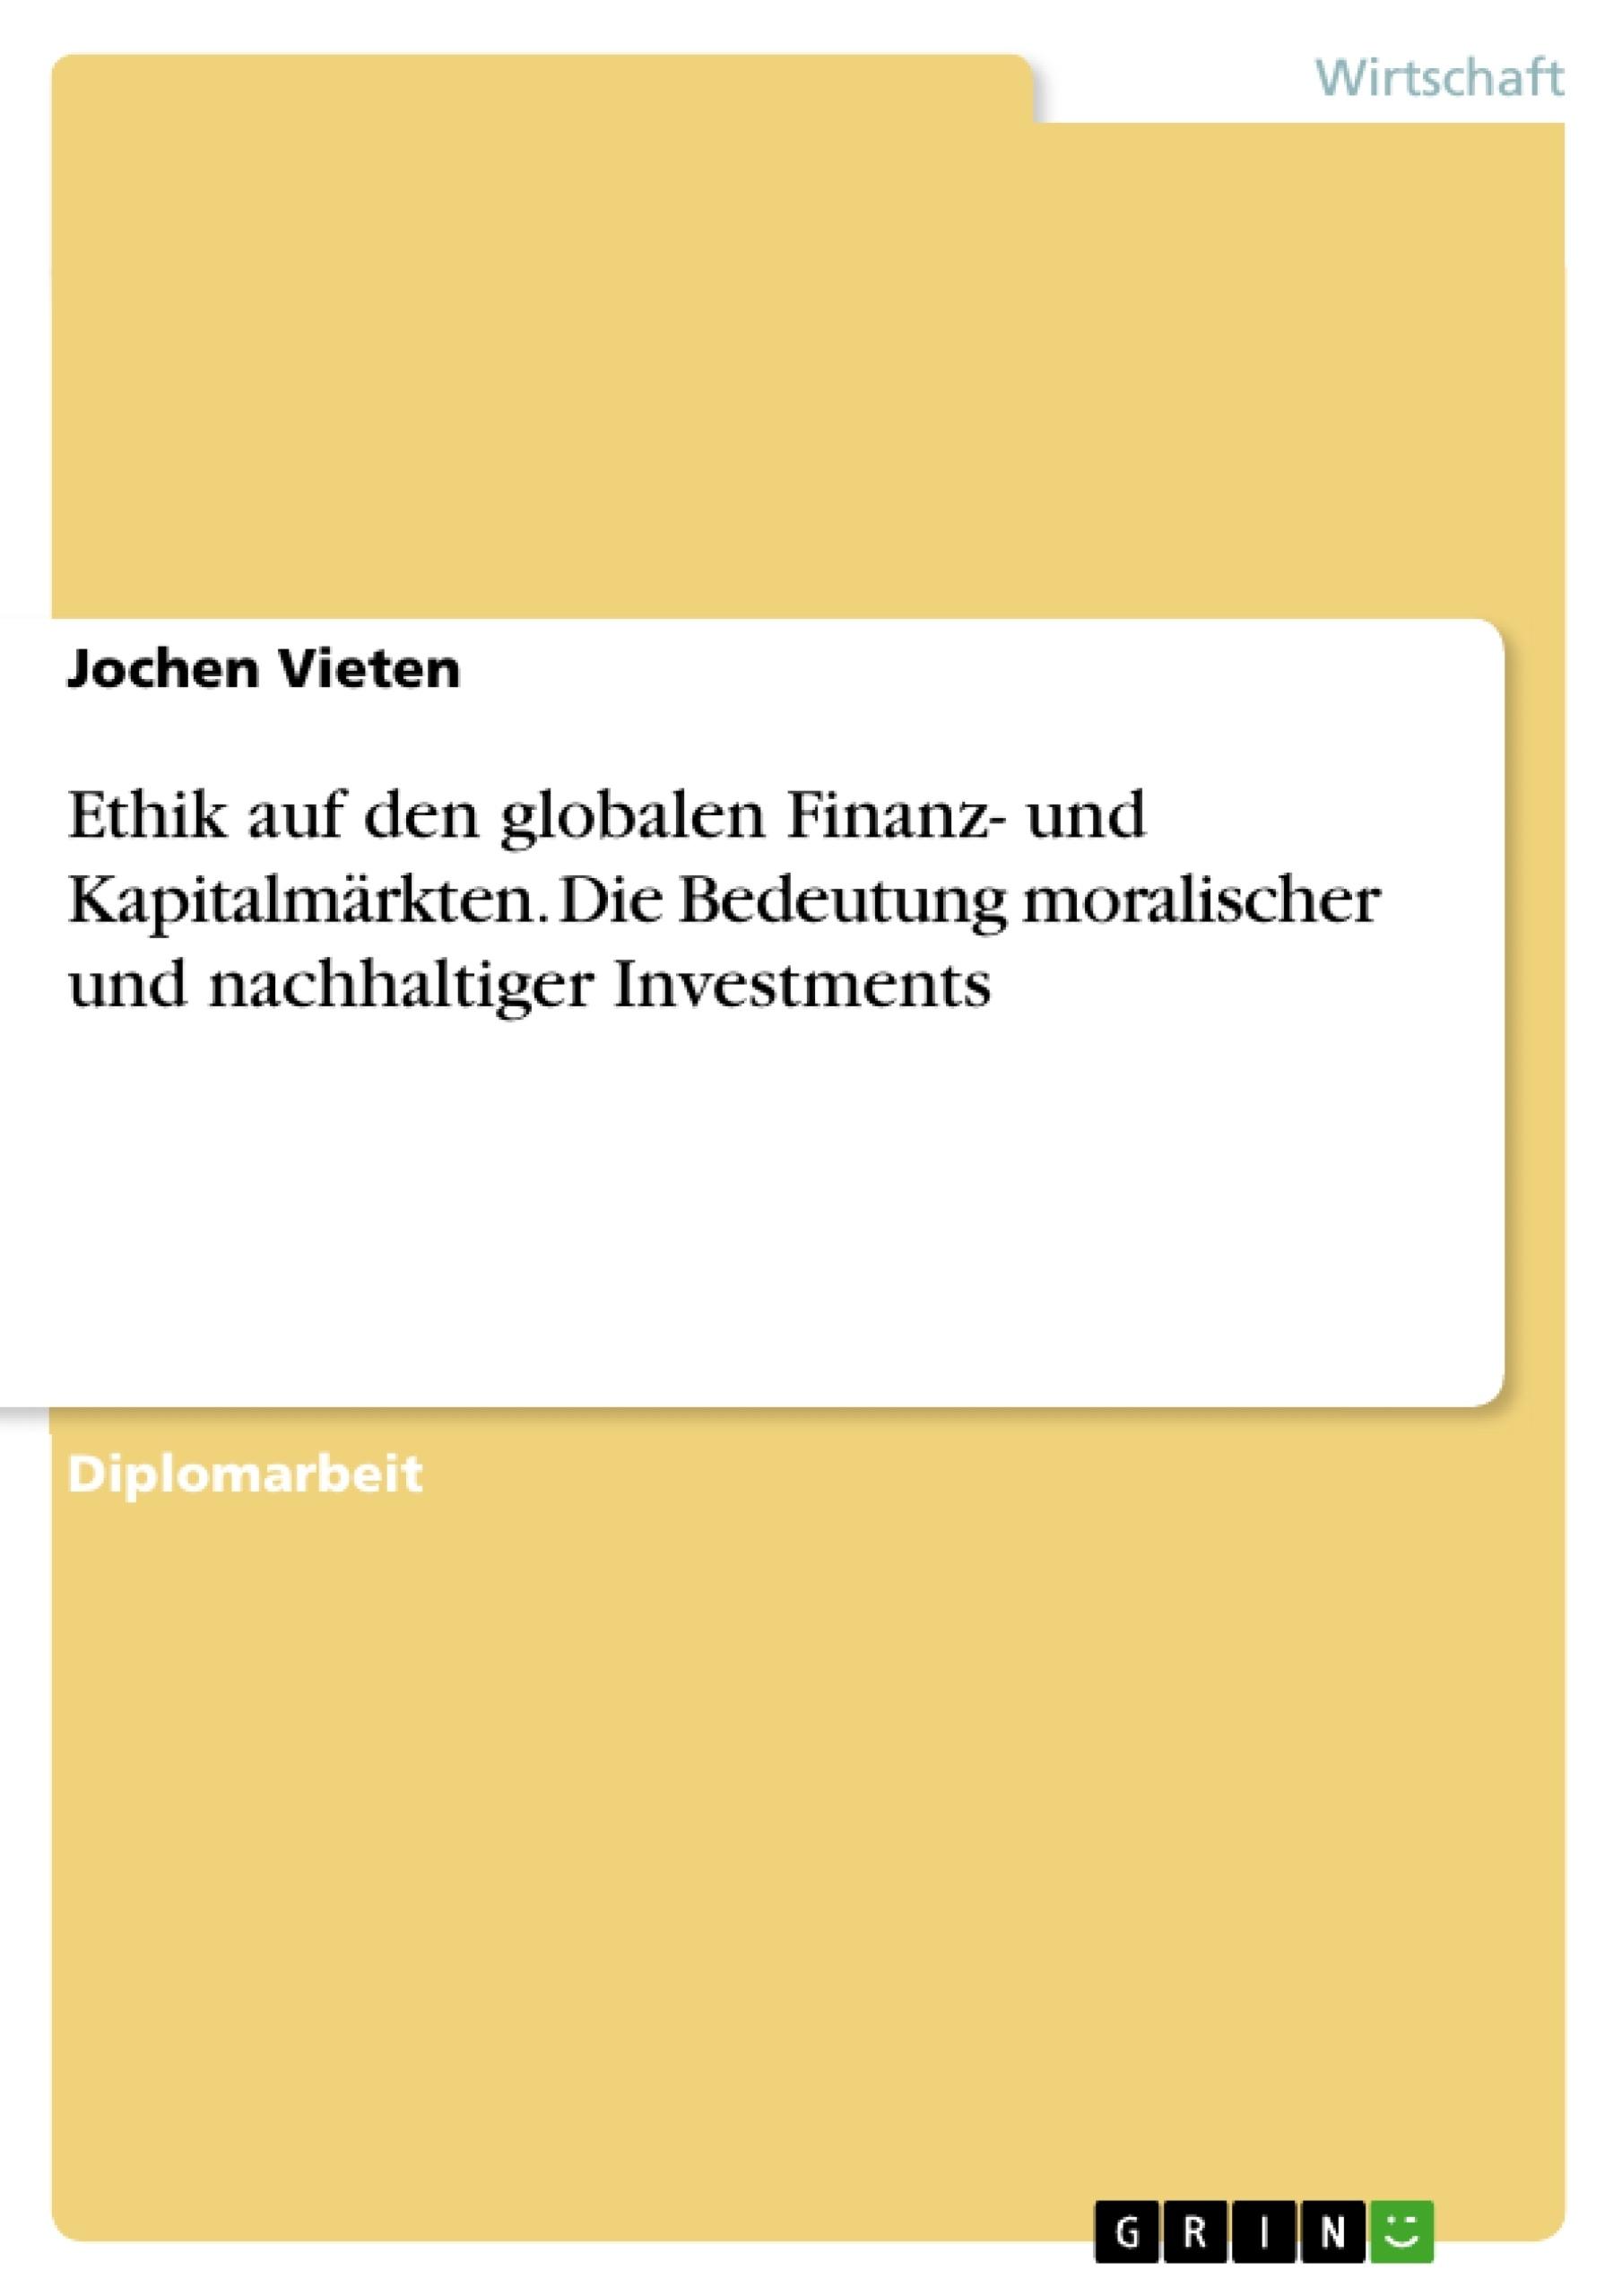 Titel: Ethik auf den globalen Finanz- und Kapitalmärkten. Die Bedeutung moralischer und nachhaltiger Investments